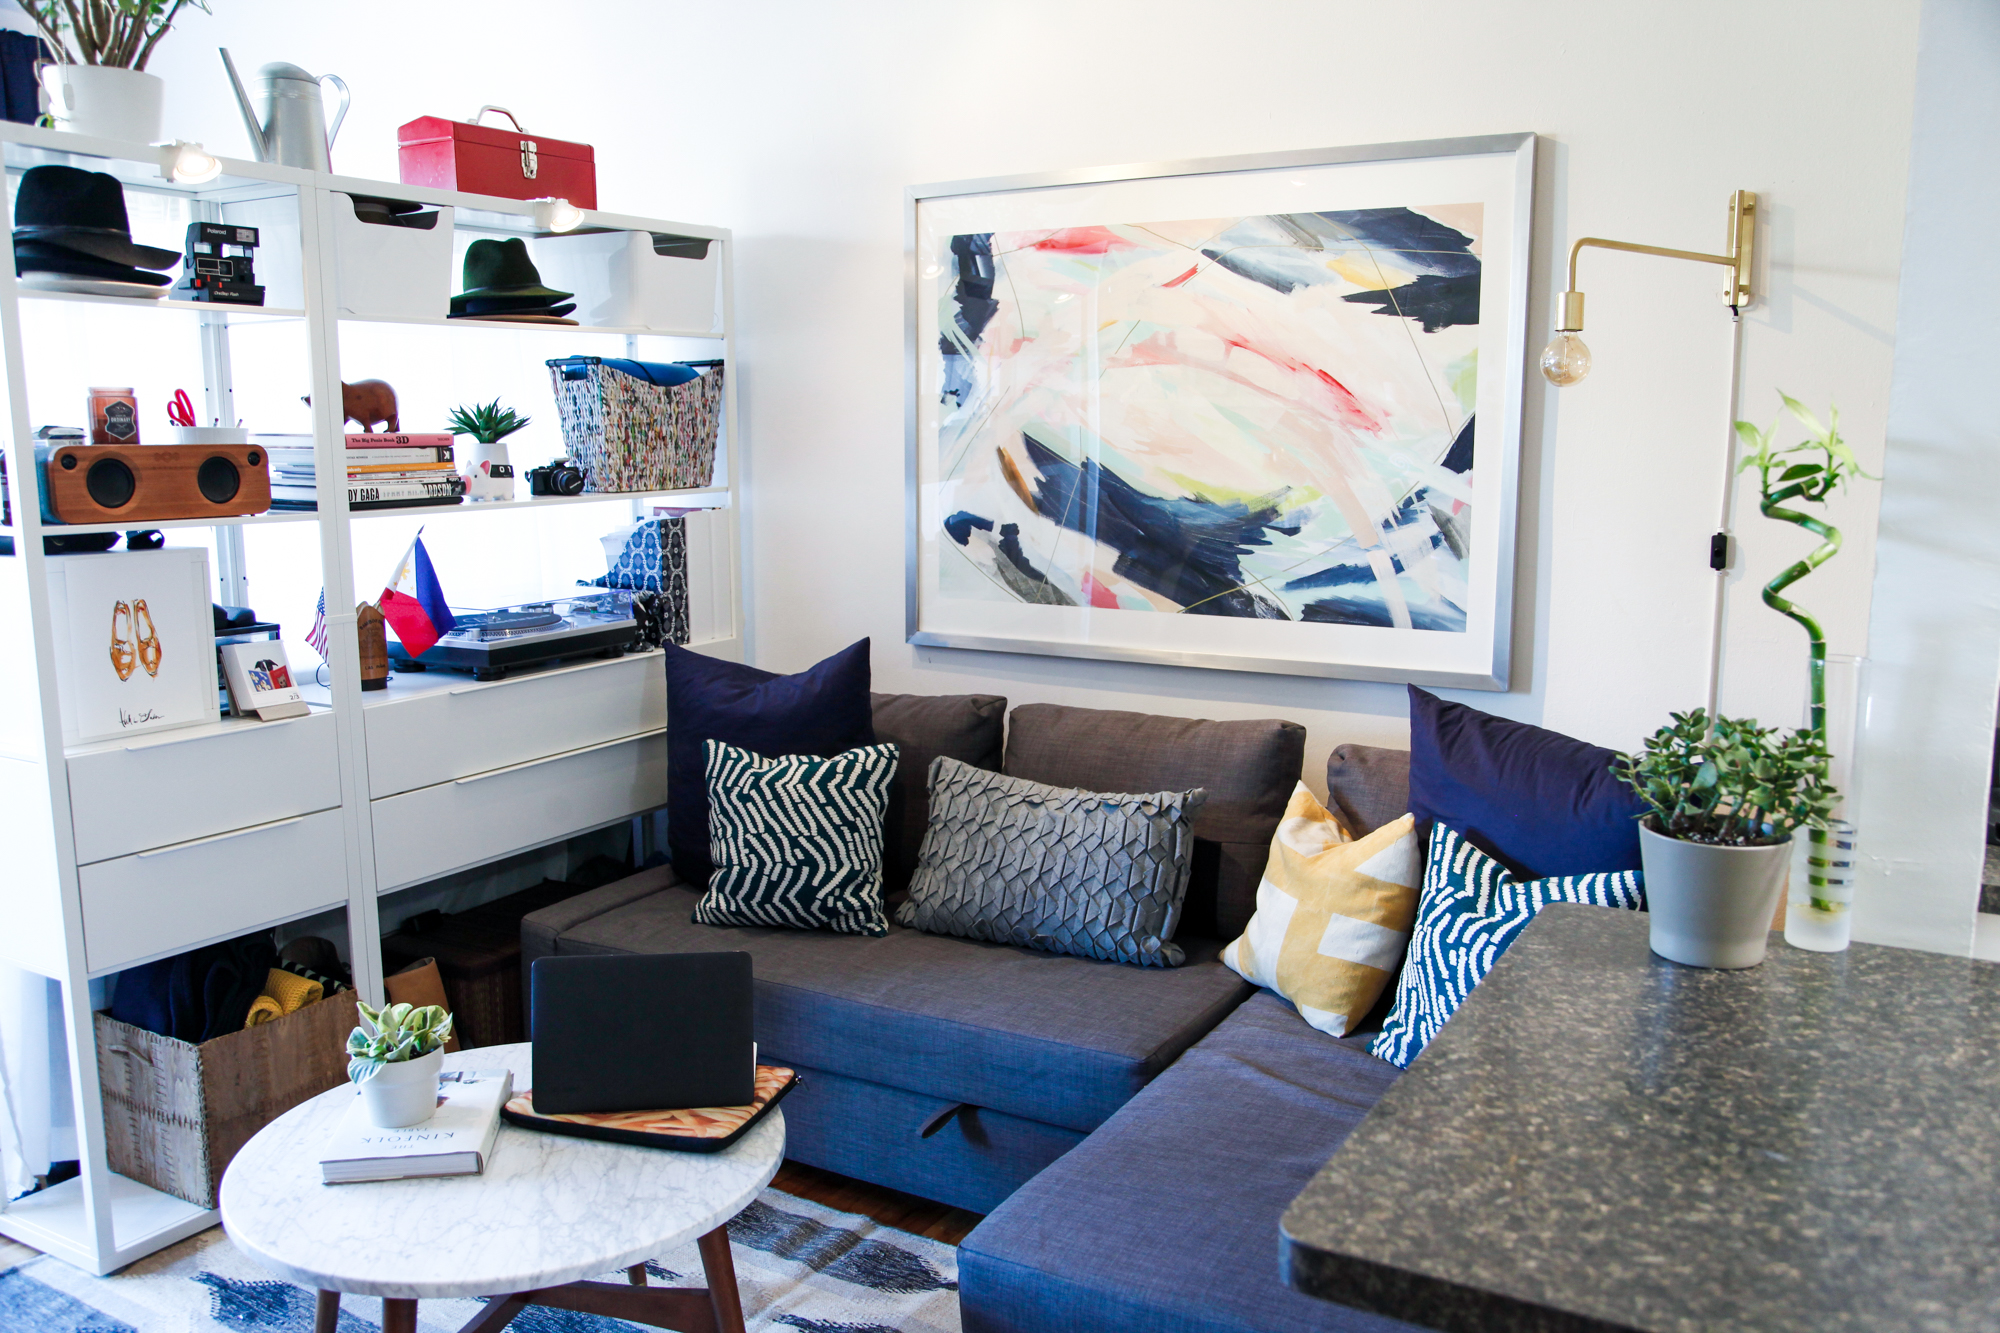 NYC Studio Apartment Tour